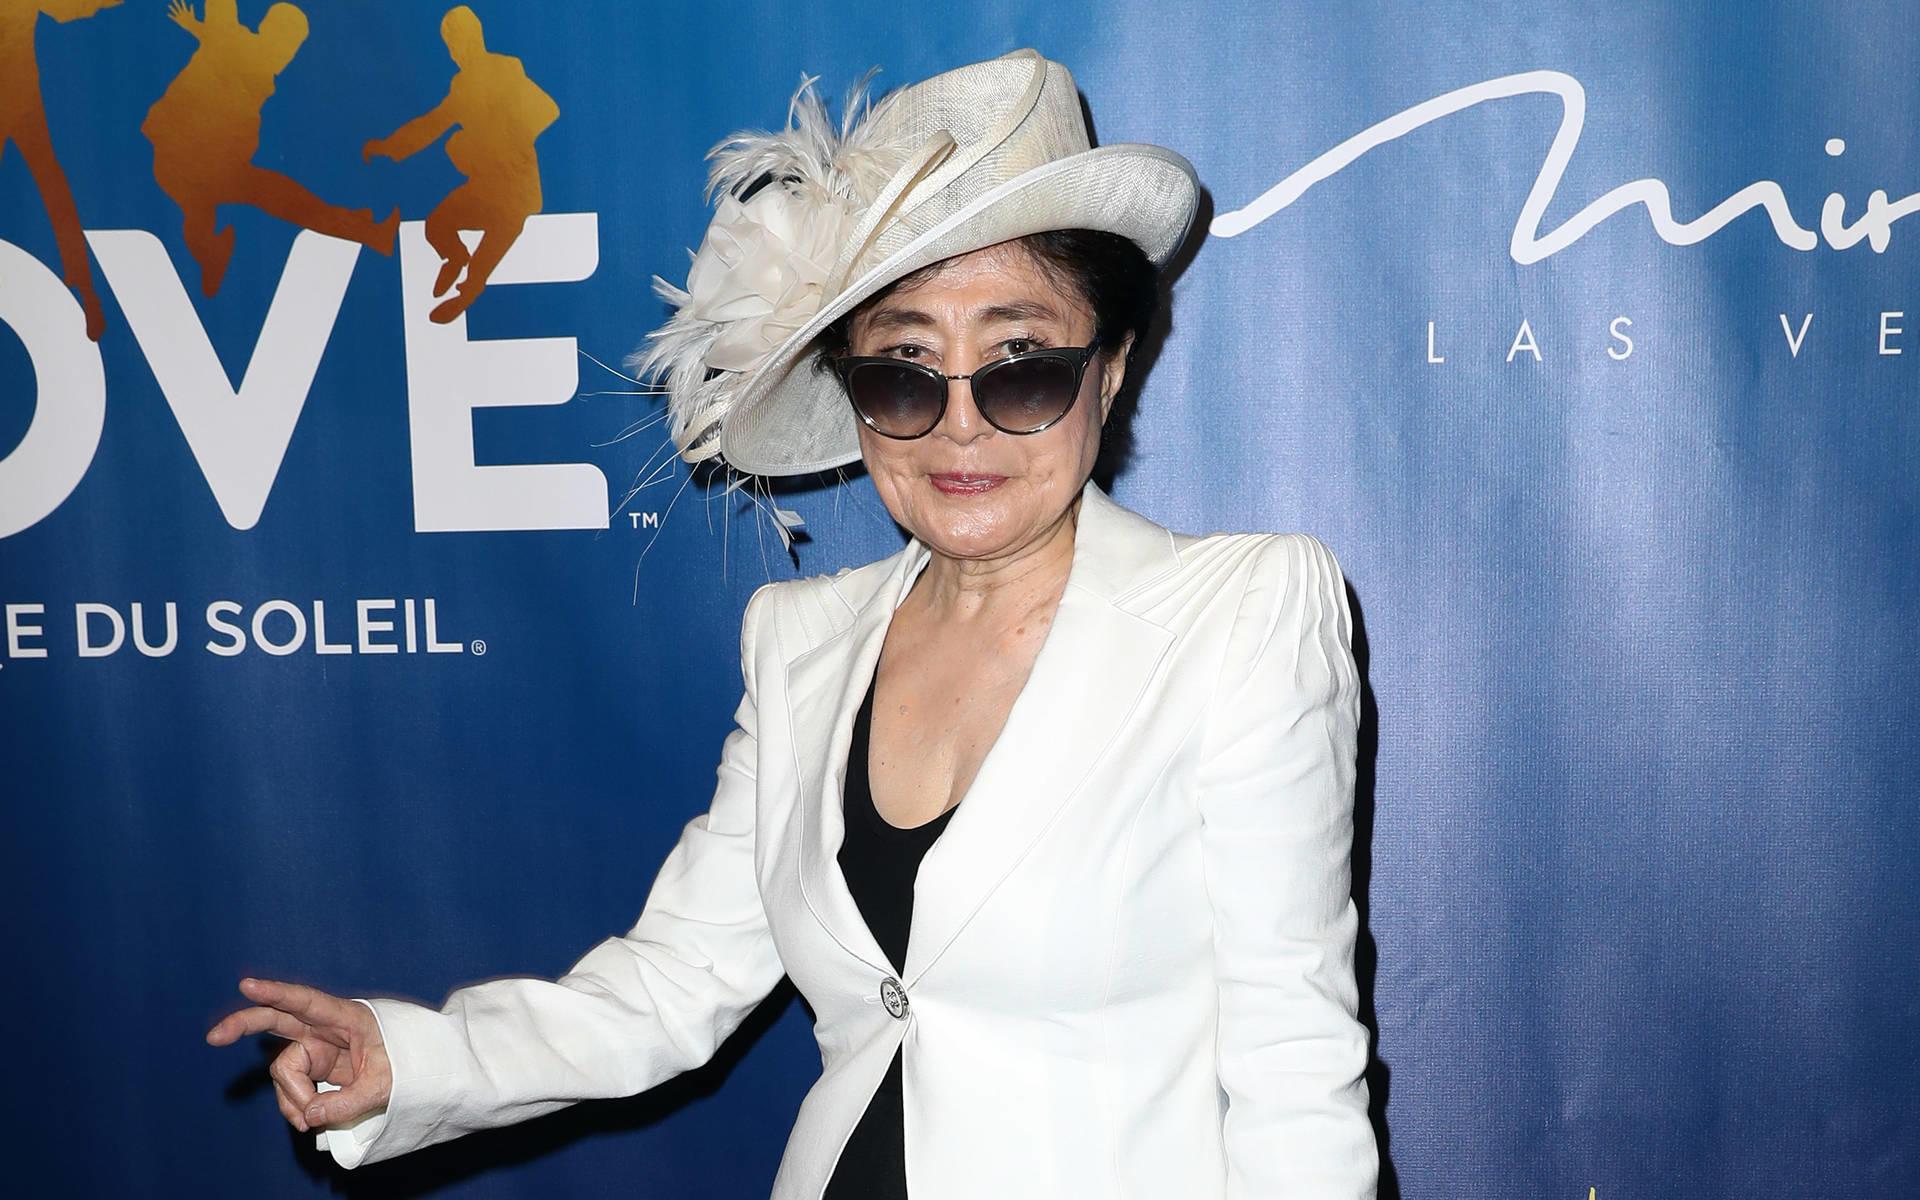 Yoko Ono Ein Ganz Besonderes Geschenk Zur Goldenen Hochzeit